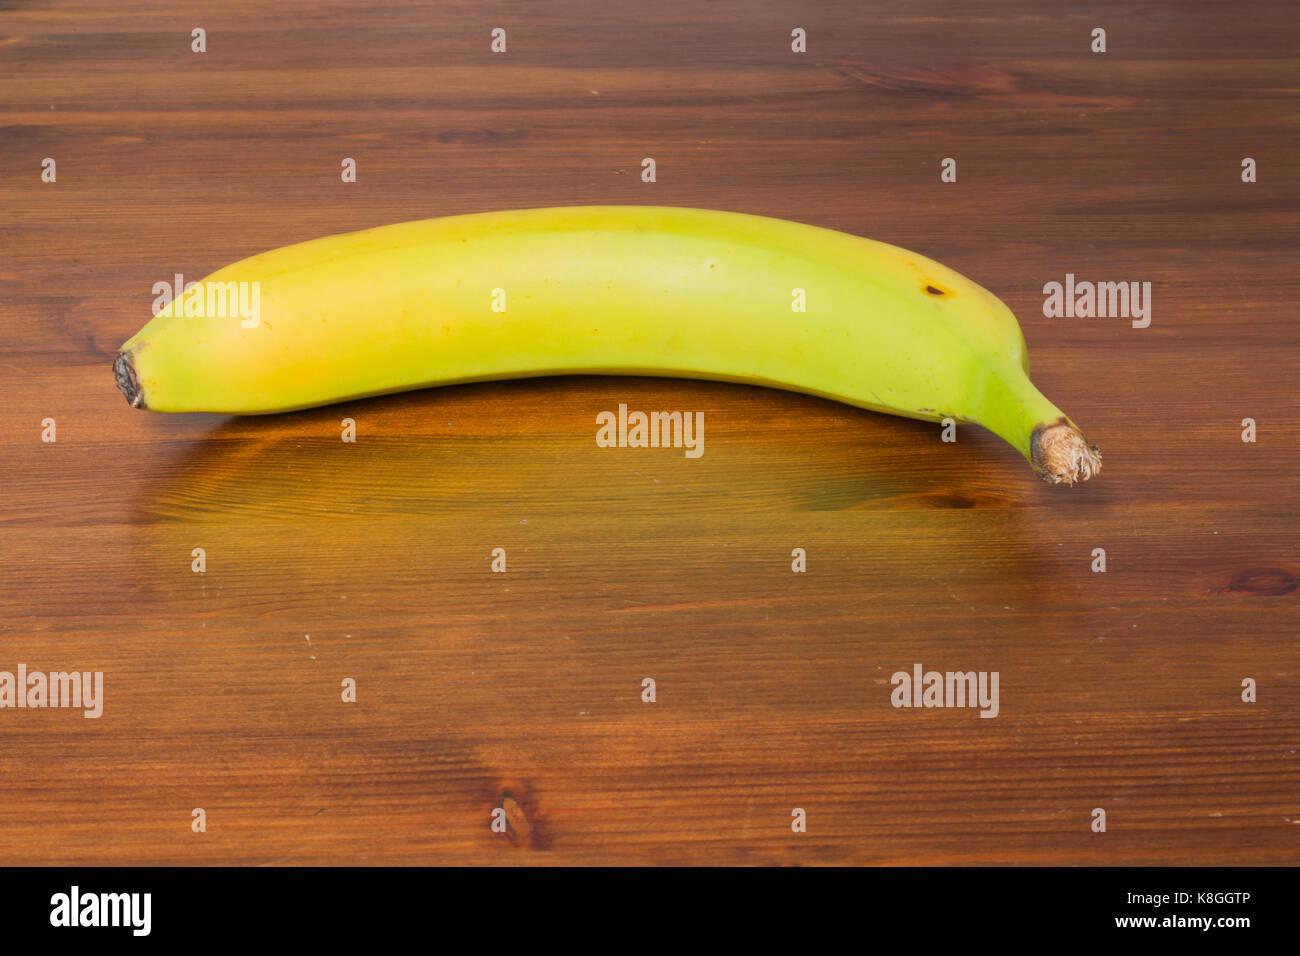 Banana On Table Yellow Green Banana On A Wooden Table.